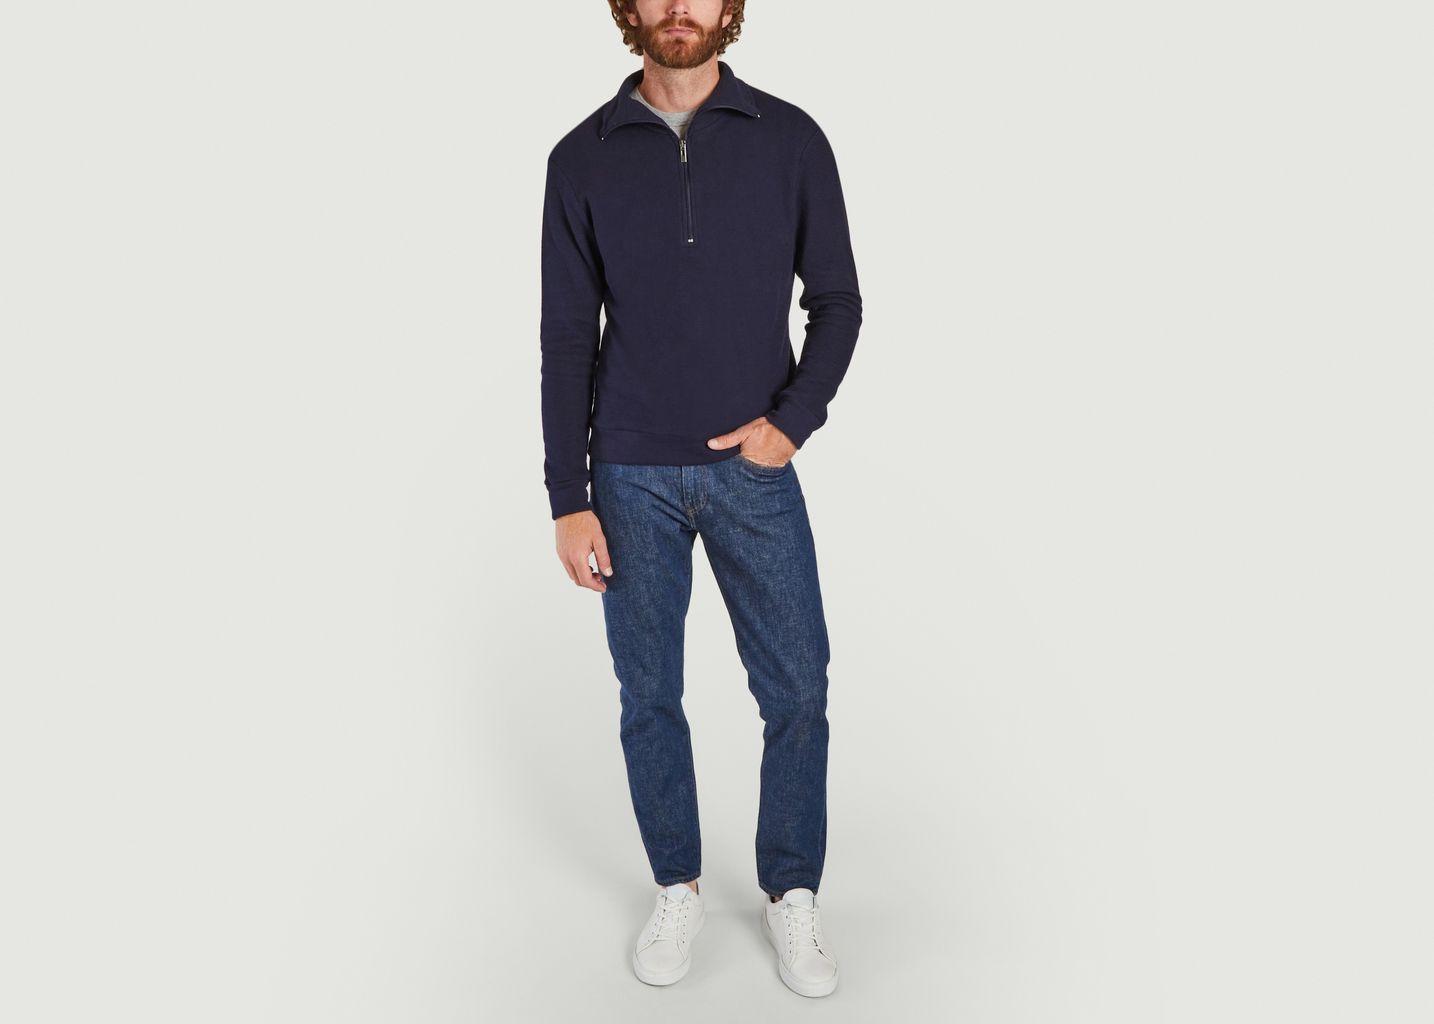 Sweatshirt japonais zippé - JagVi